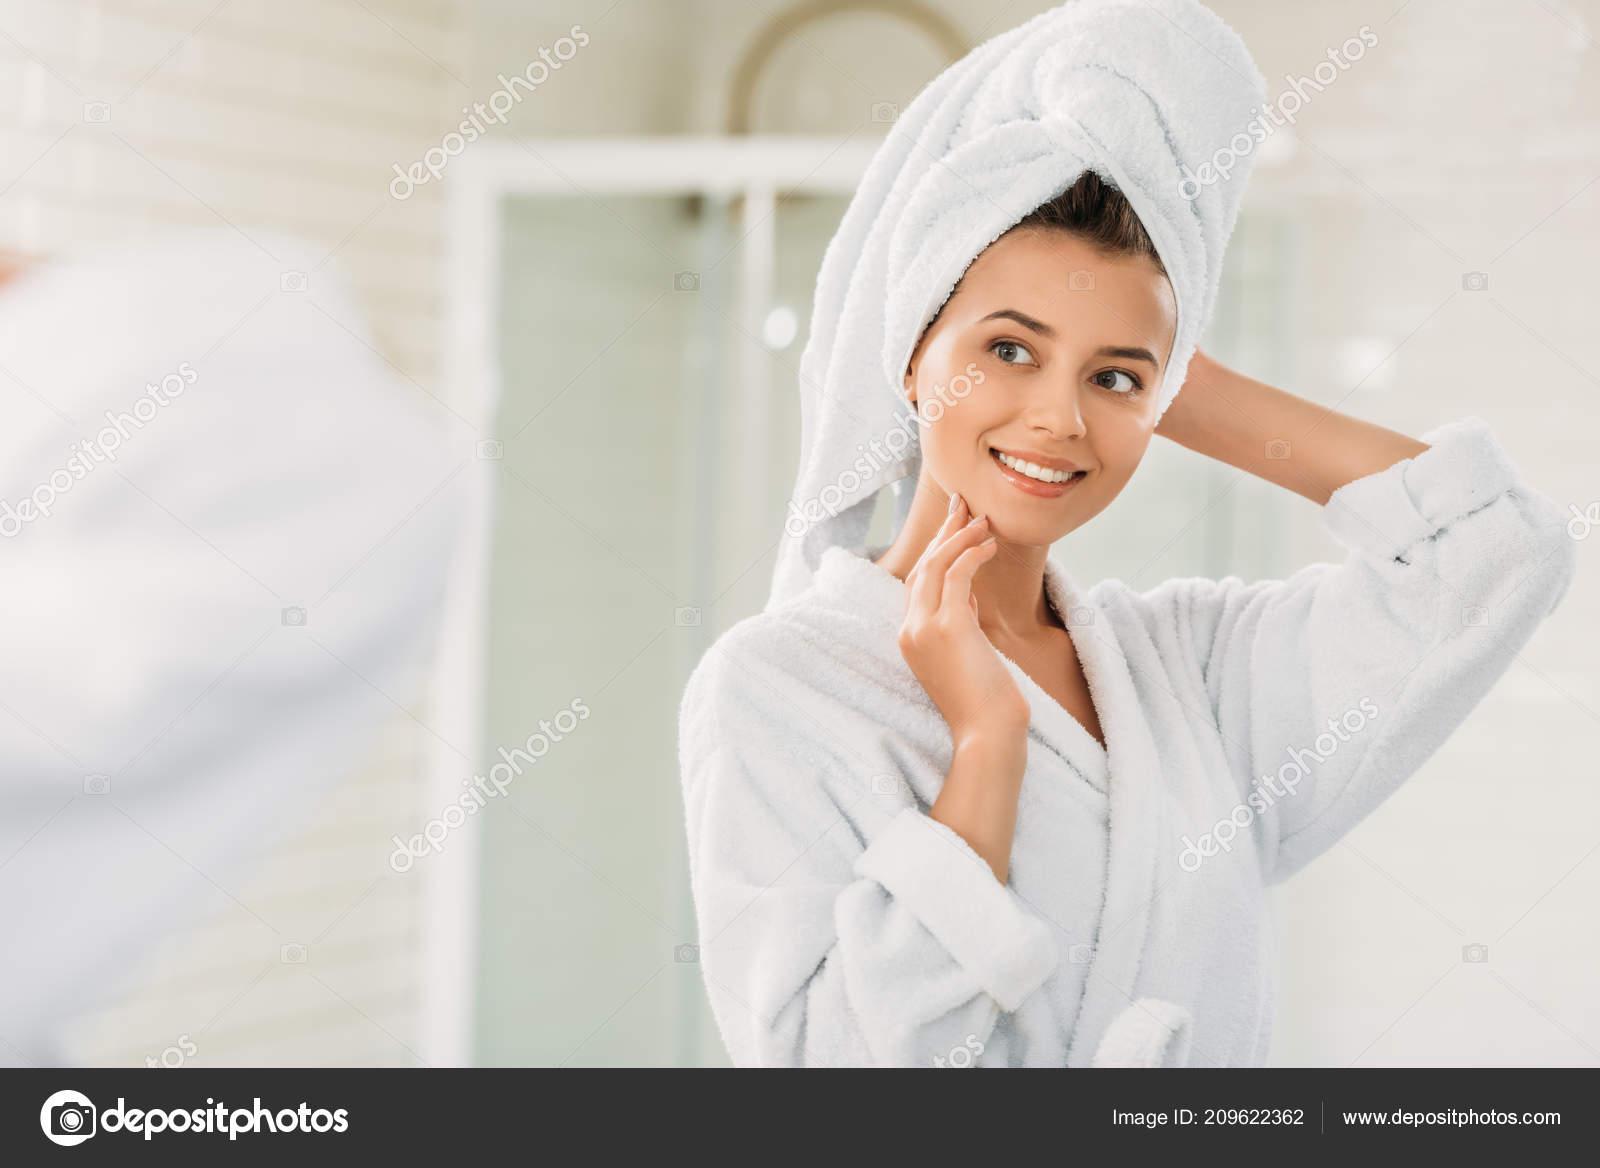 Szép Mosolygó Fiatal Fürdőköpeny Törölköző Fejét Nézte Fürdőszoba Tükör —  Stock Fotó d2cac025b8